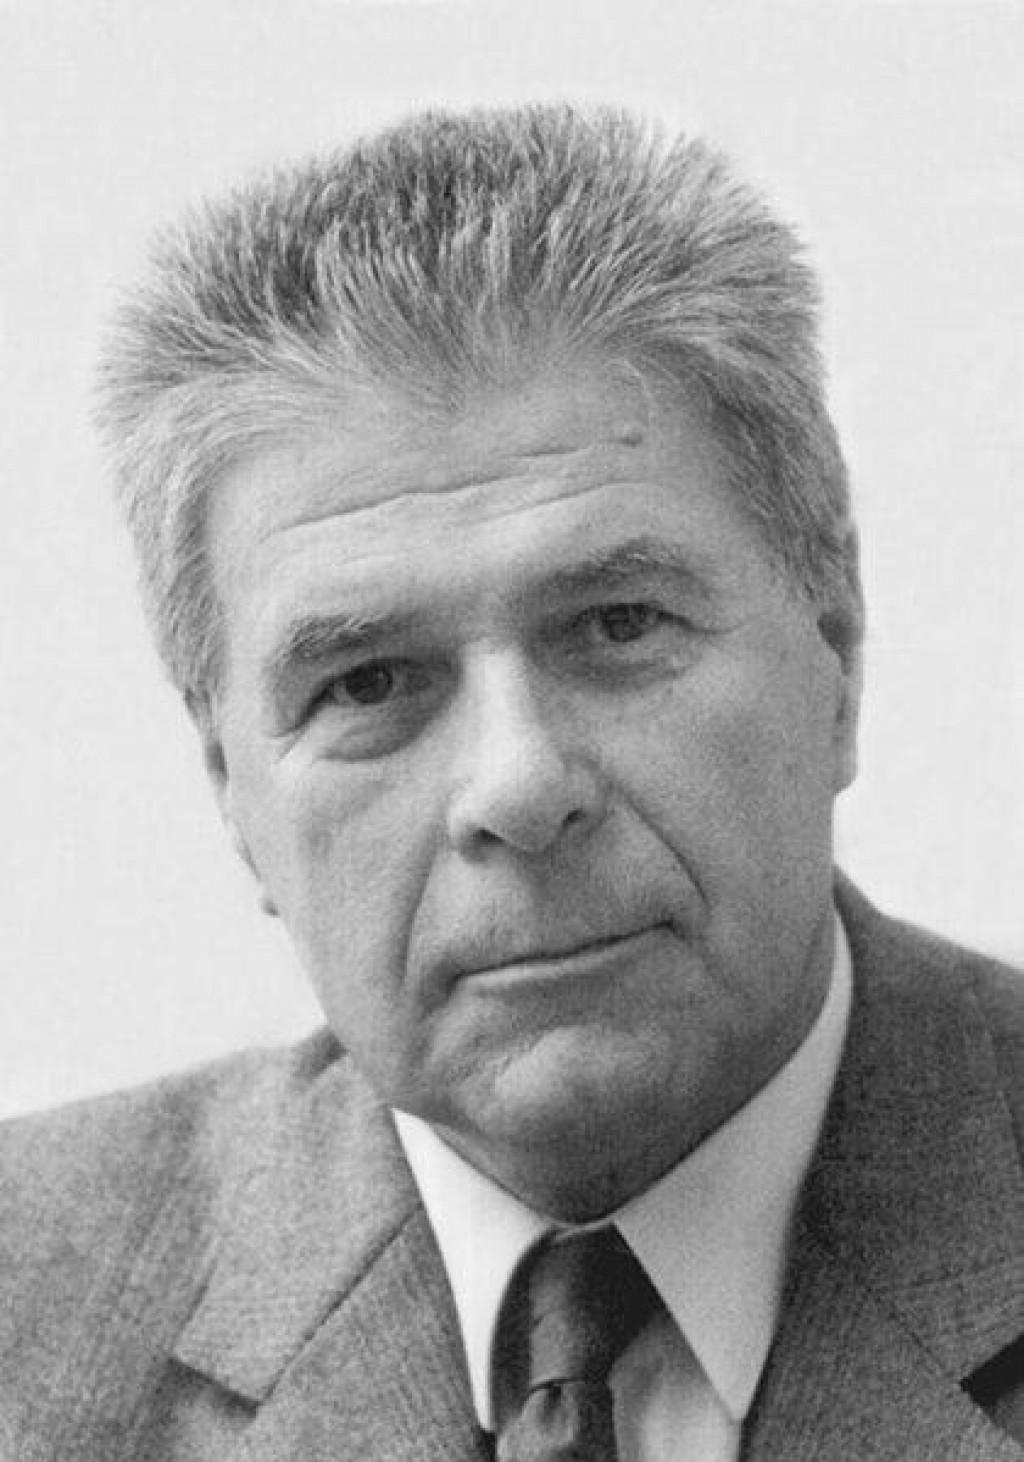 Jure Kaštelan, po kojem se zove godišnja nagrada za umjetnost Slobodne Dalmacije, bio je totalni Mediteranac, koji se nadahnjivao grčkom filozofijom te španjolskom, francuskom i talijanskom poezijom<br />